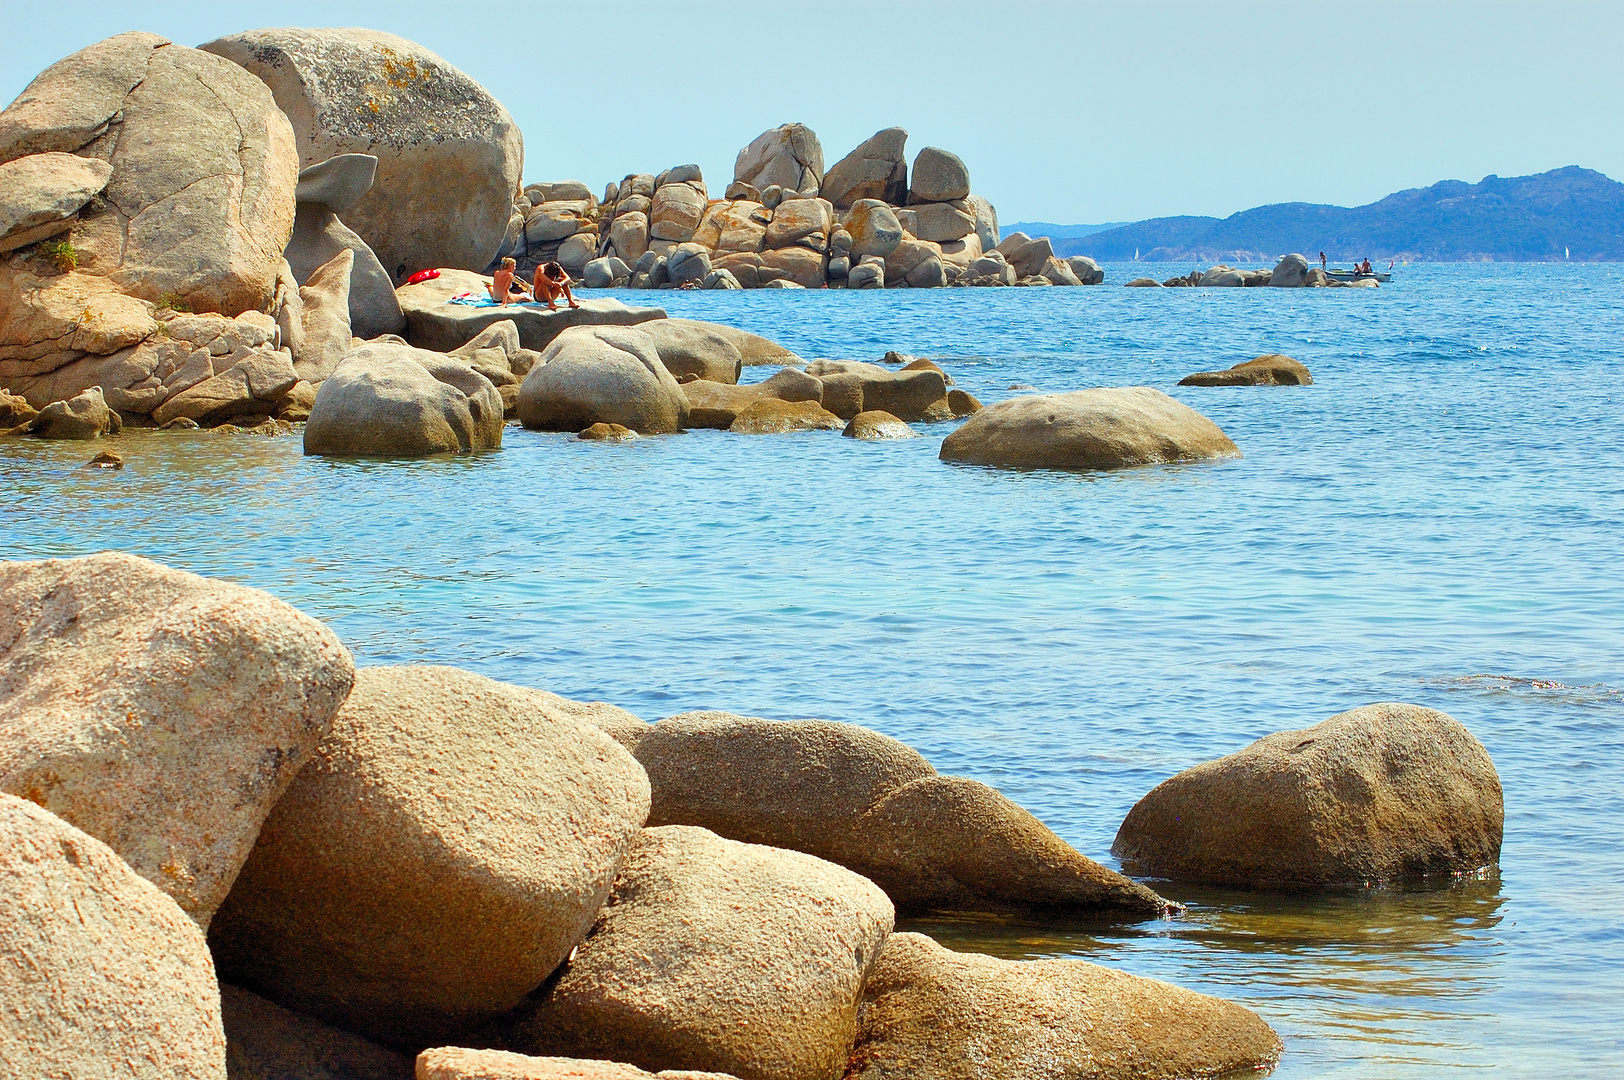 Les rochers de Tamaricciu (Corse)